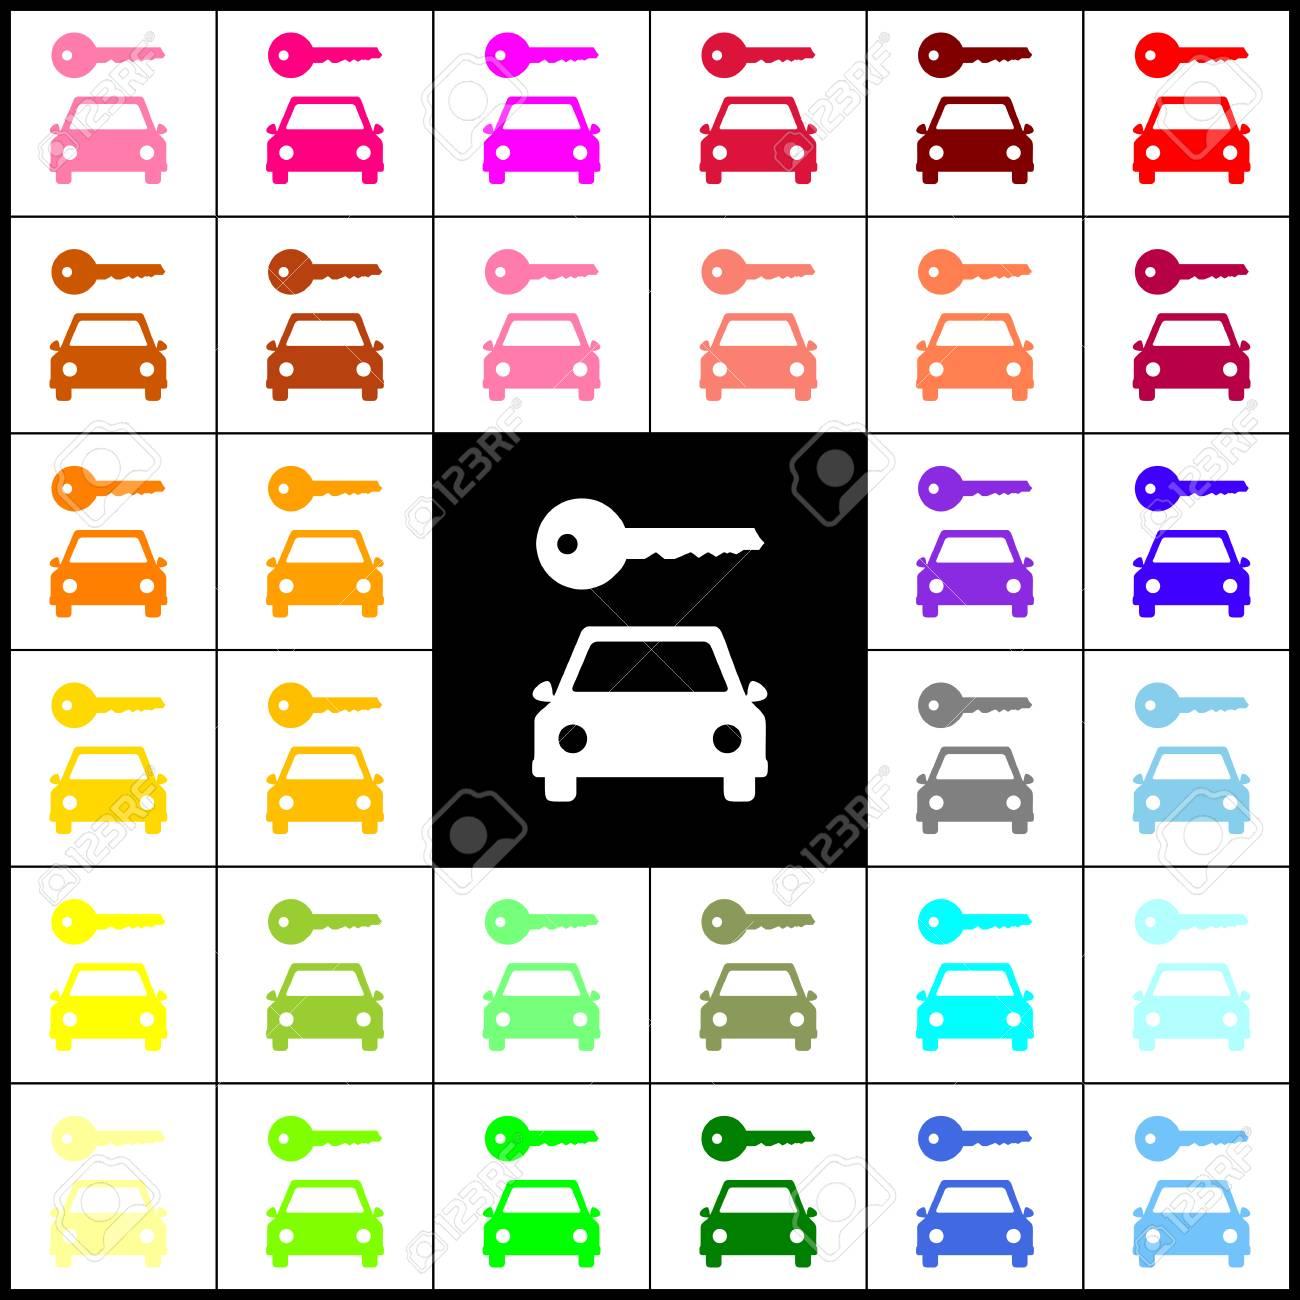 Einfaches Zeichen Des Autoschlüssels. Vektor. Bunte Ikonen Des ...